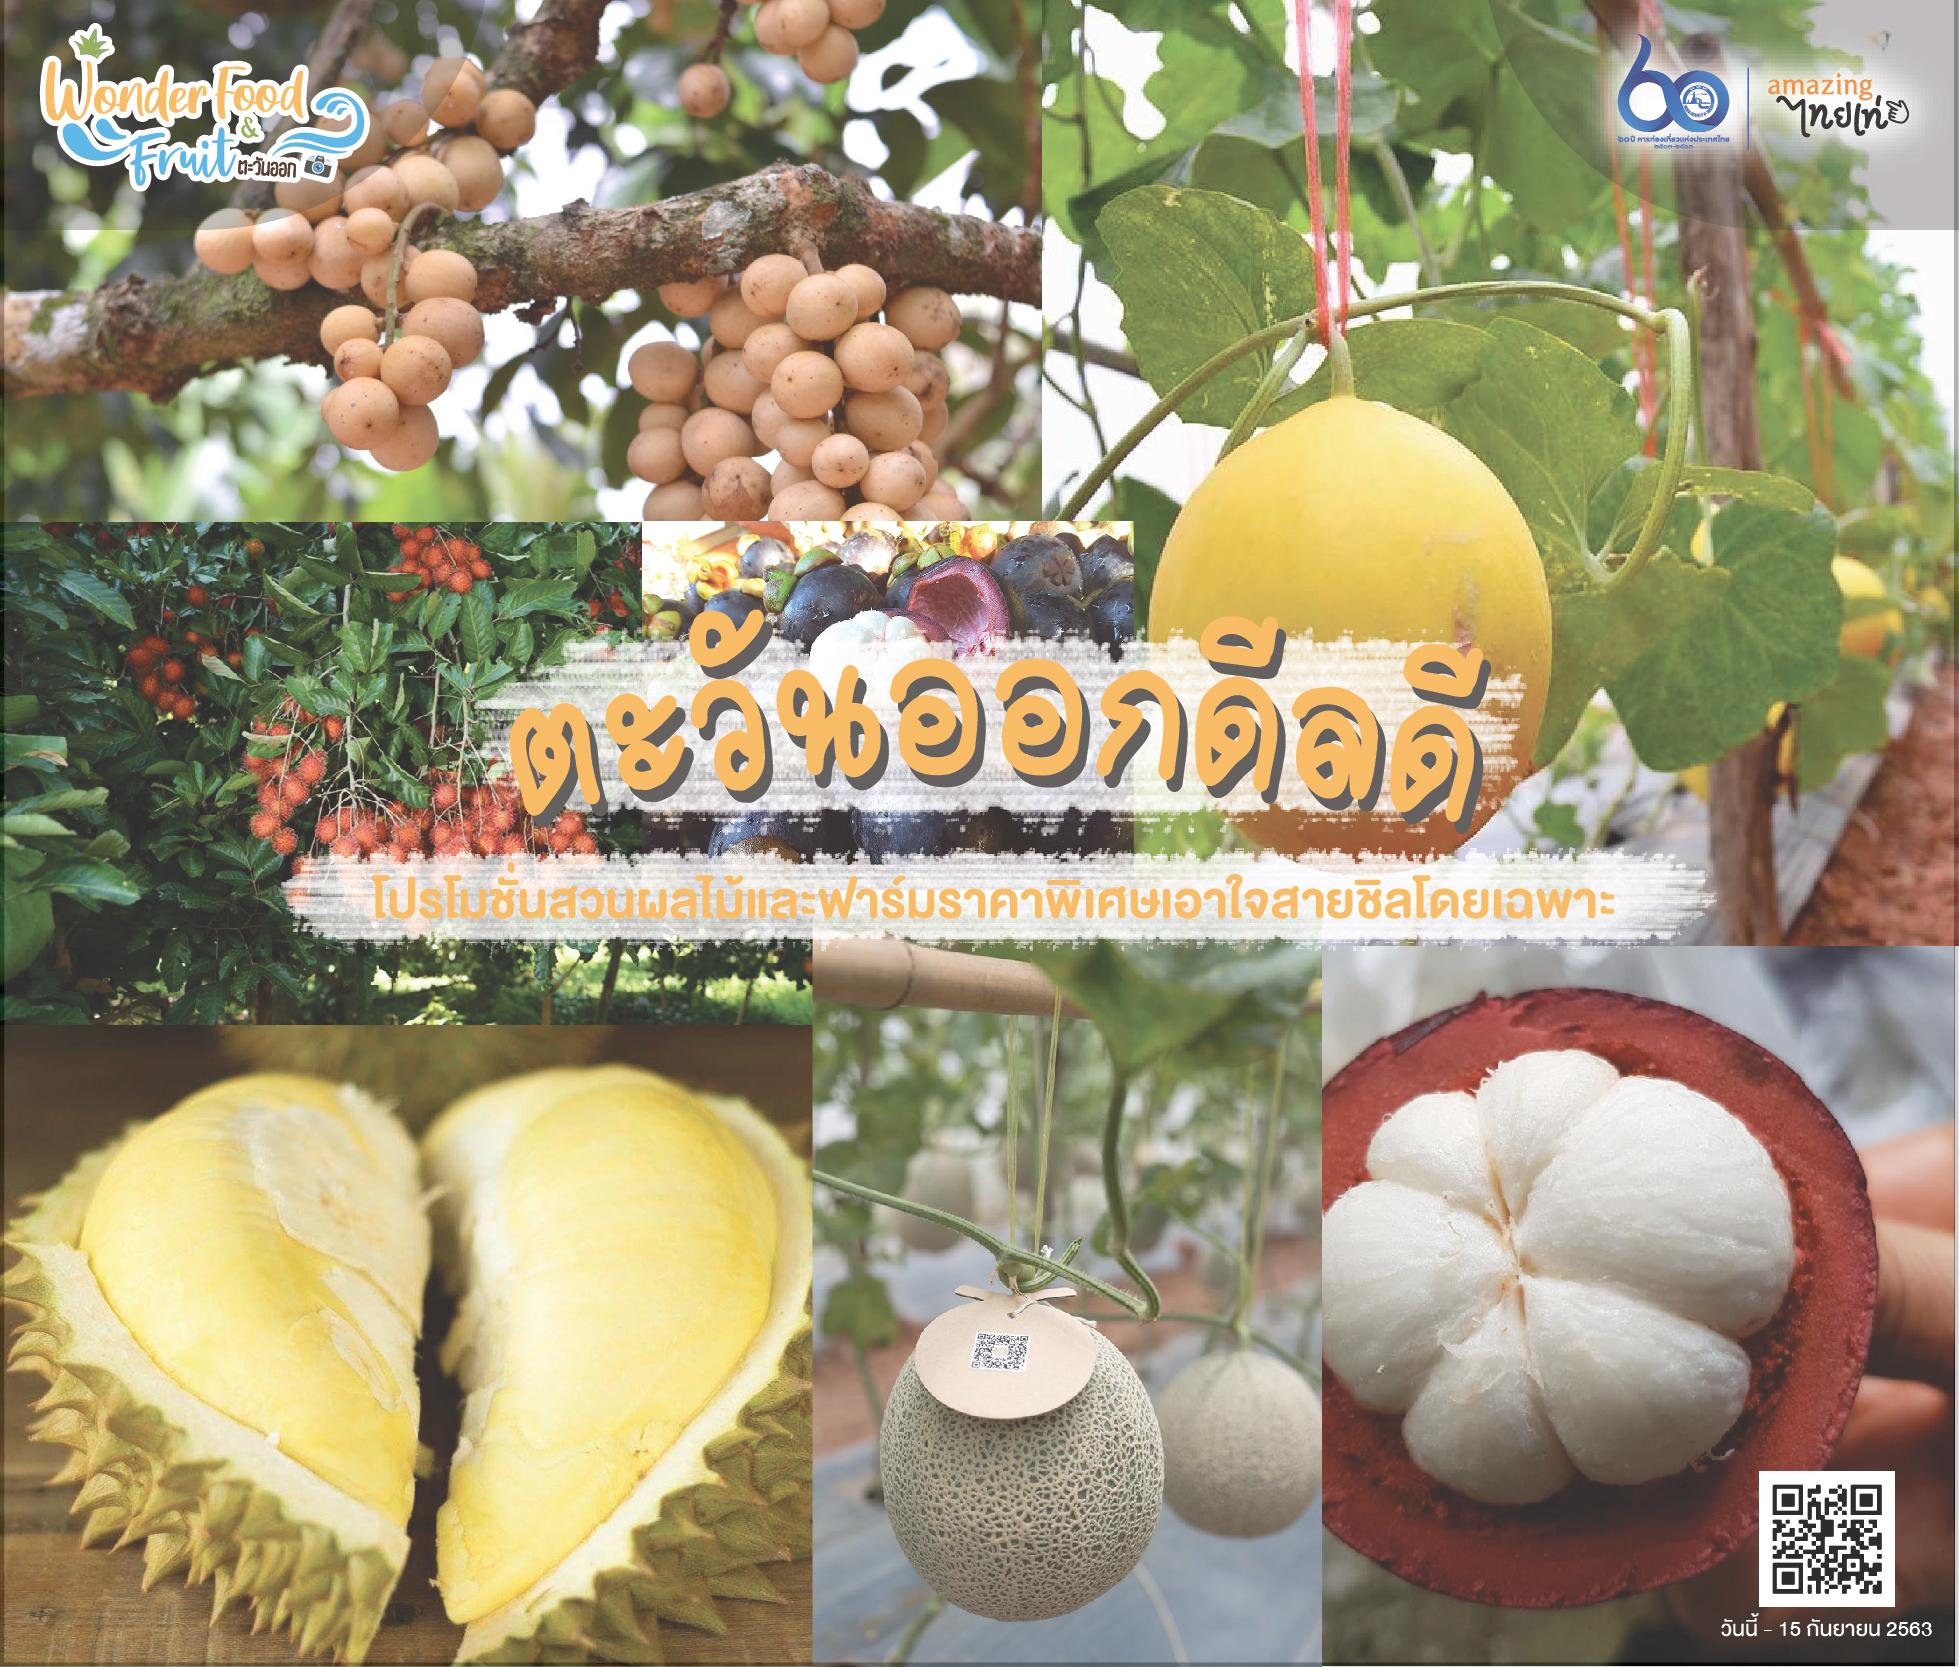 ตะวันออกดีลดี!! โปรโมชั่นสวนผลไม้และฟาร์มราคาพิเศษเอาใจสายชิลโดยเฉพาะ สำนักพิมพ์แม่บ้าน